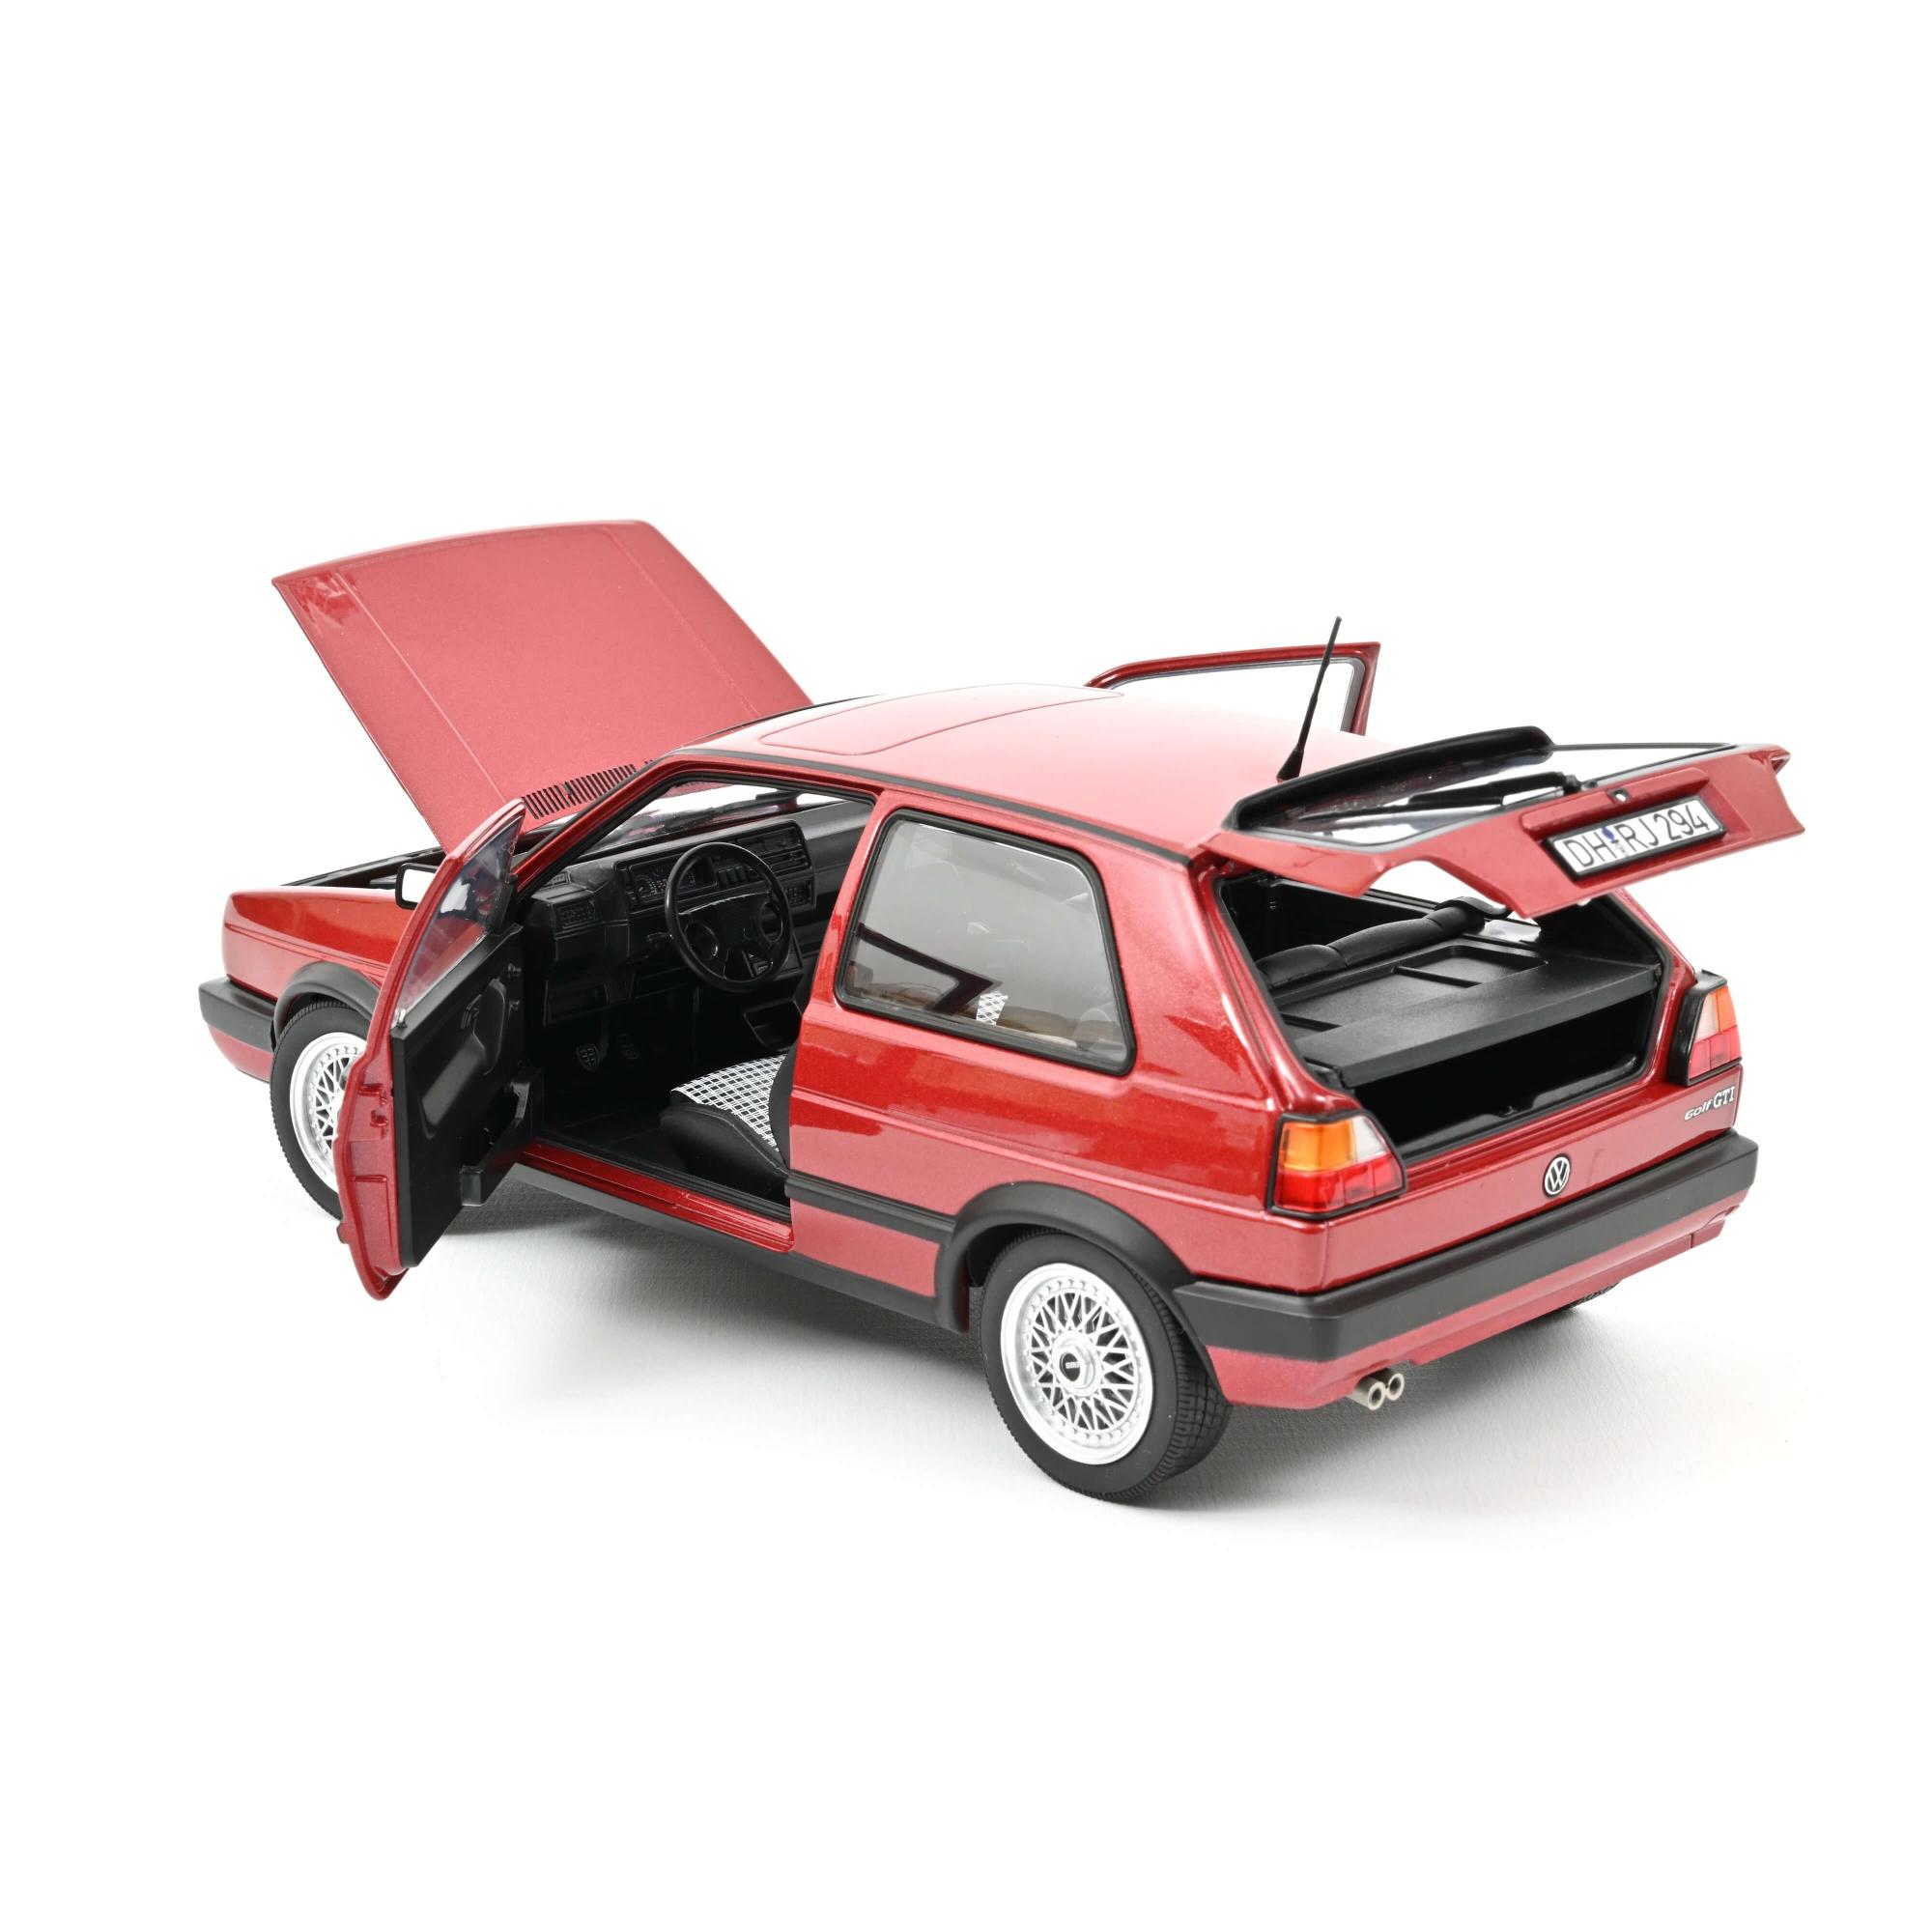 VW Golf GTI 1990 Red metallic